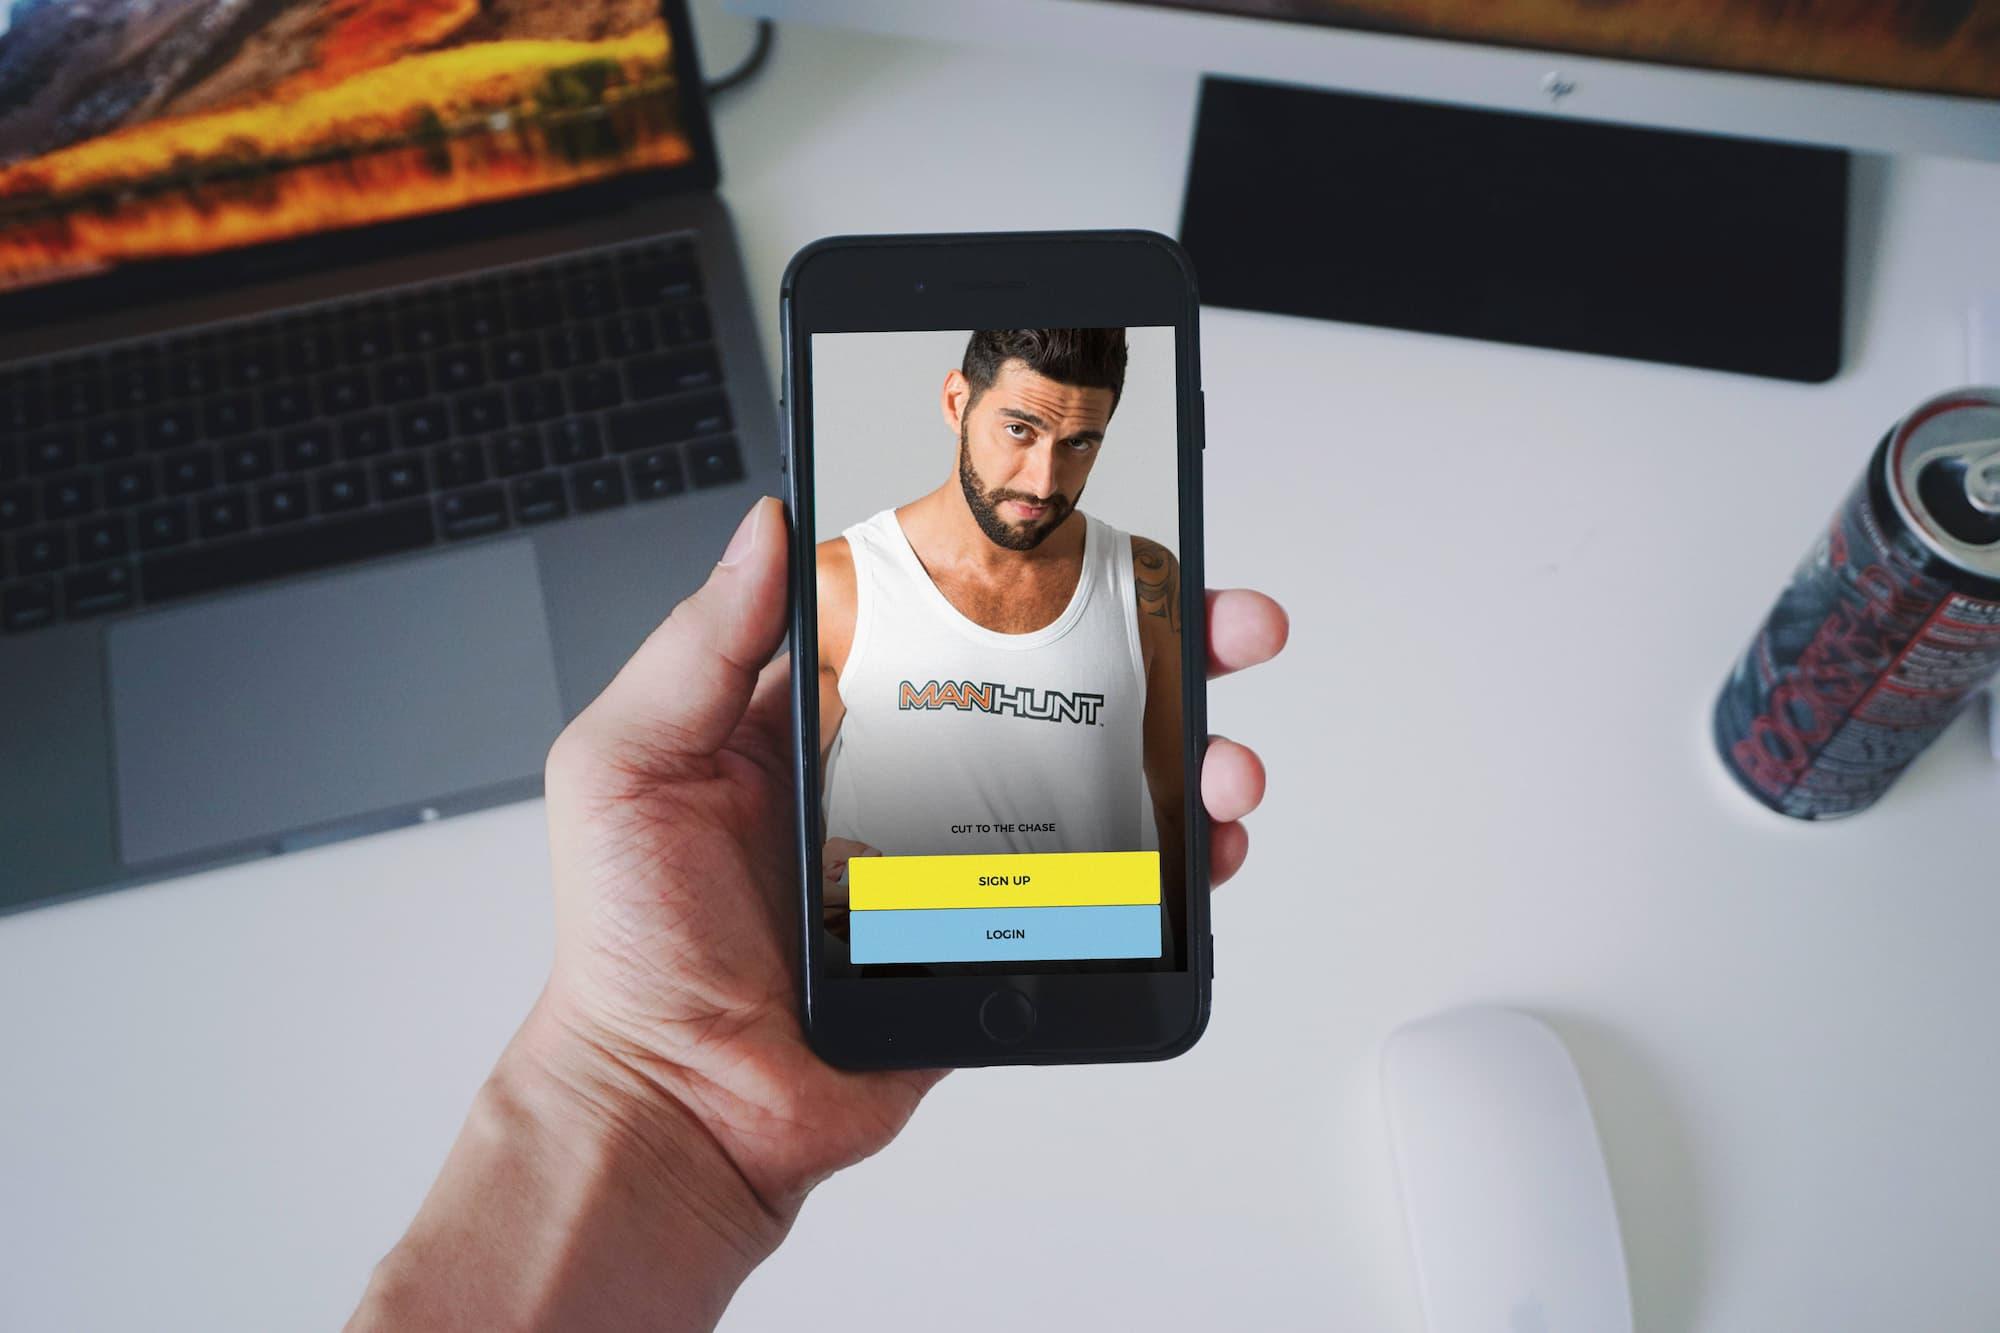 Manhunt, gay, app, dating, hack, user, data